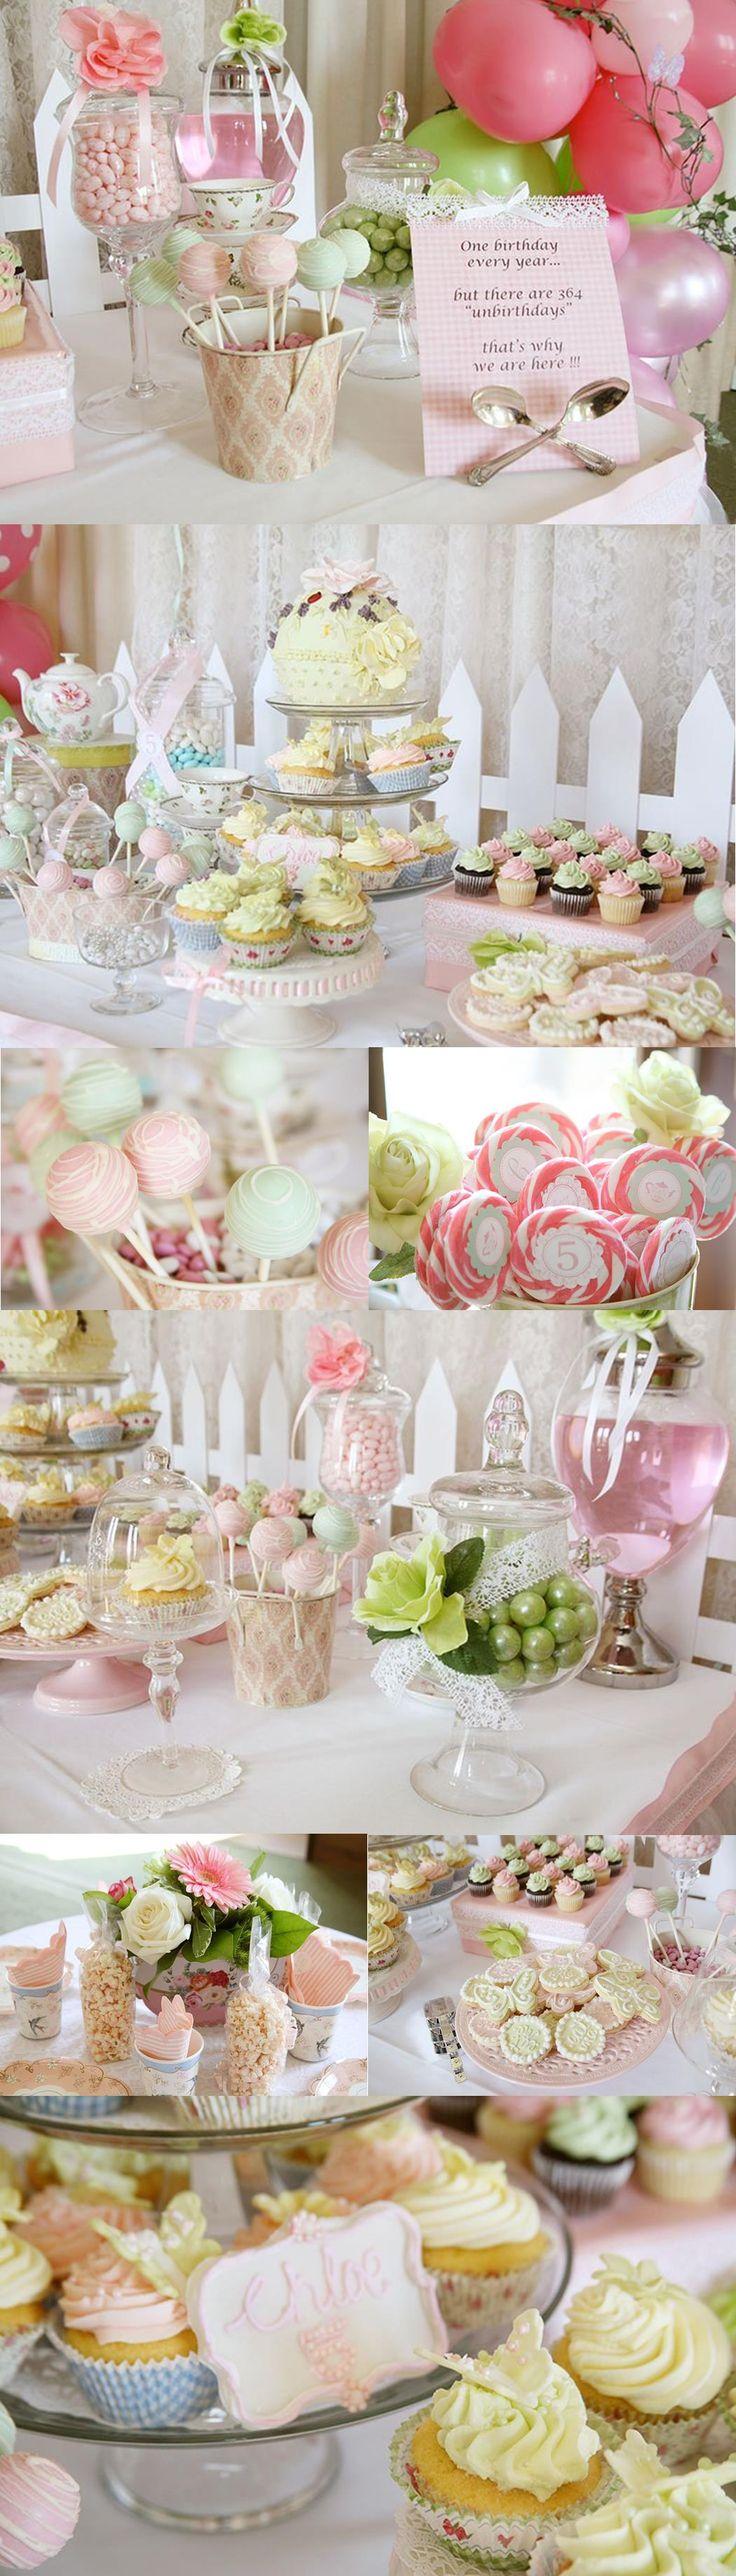 757 best images about children 39 s tea party ideas on pinterest for Tea party decoration ideas